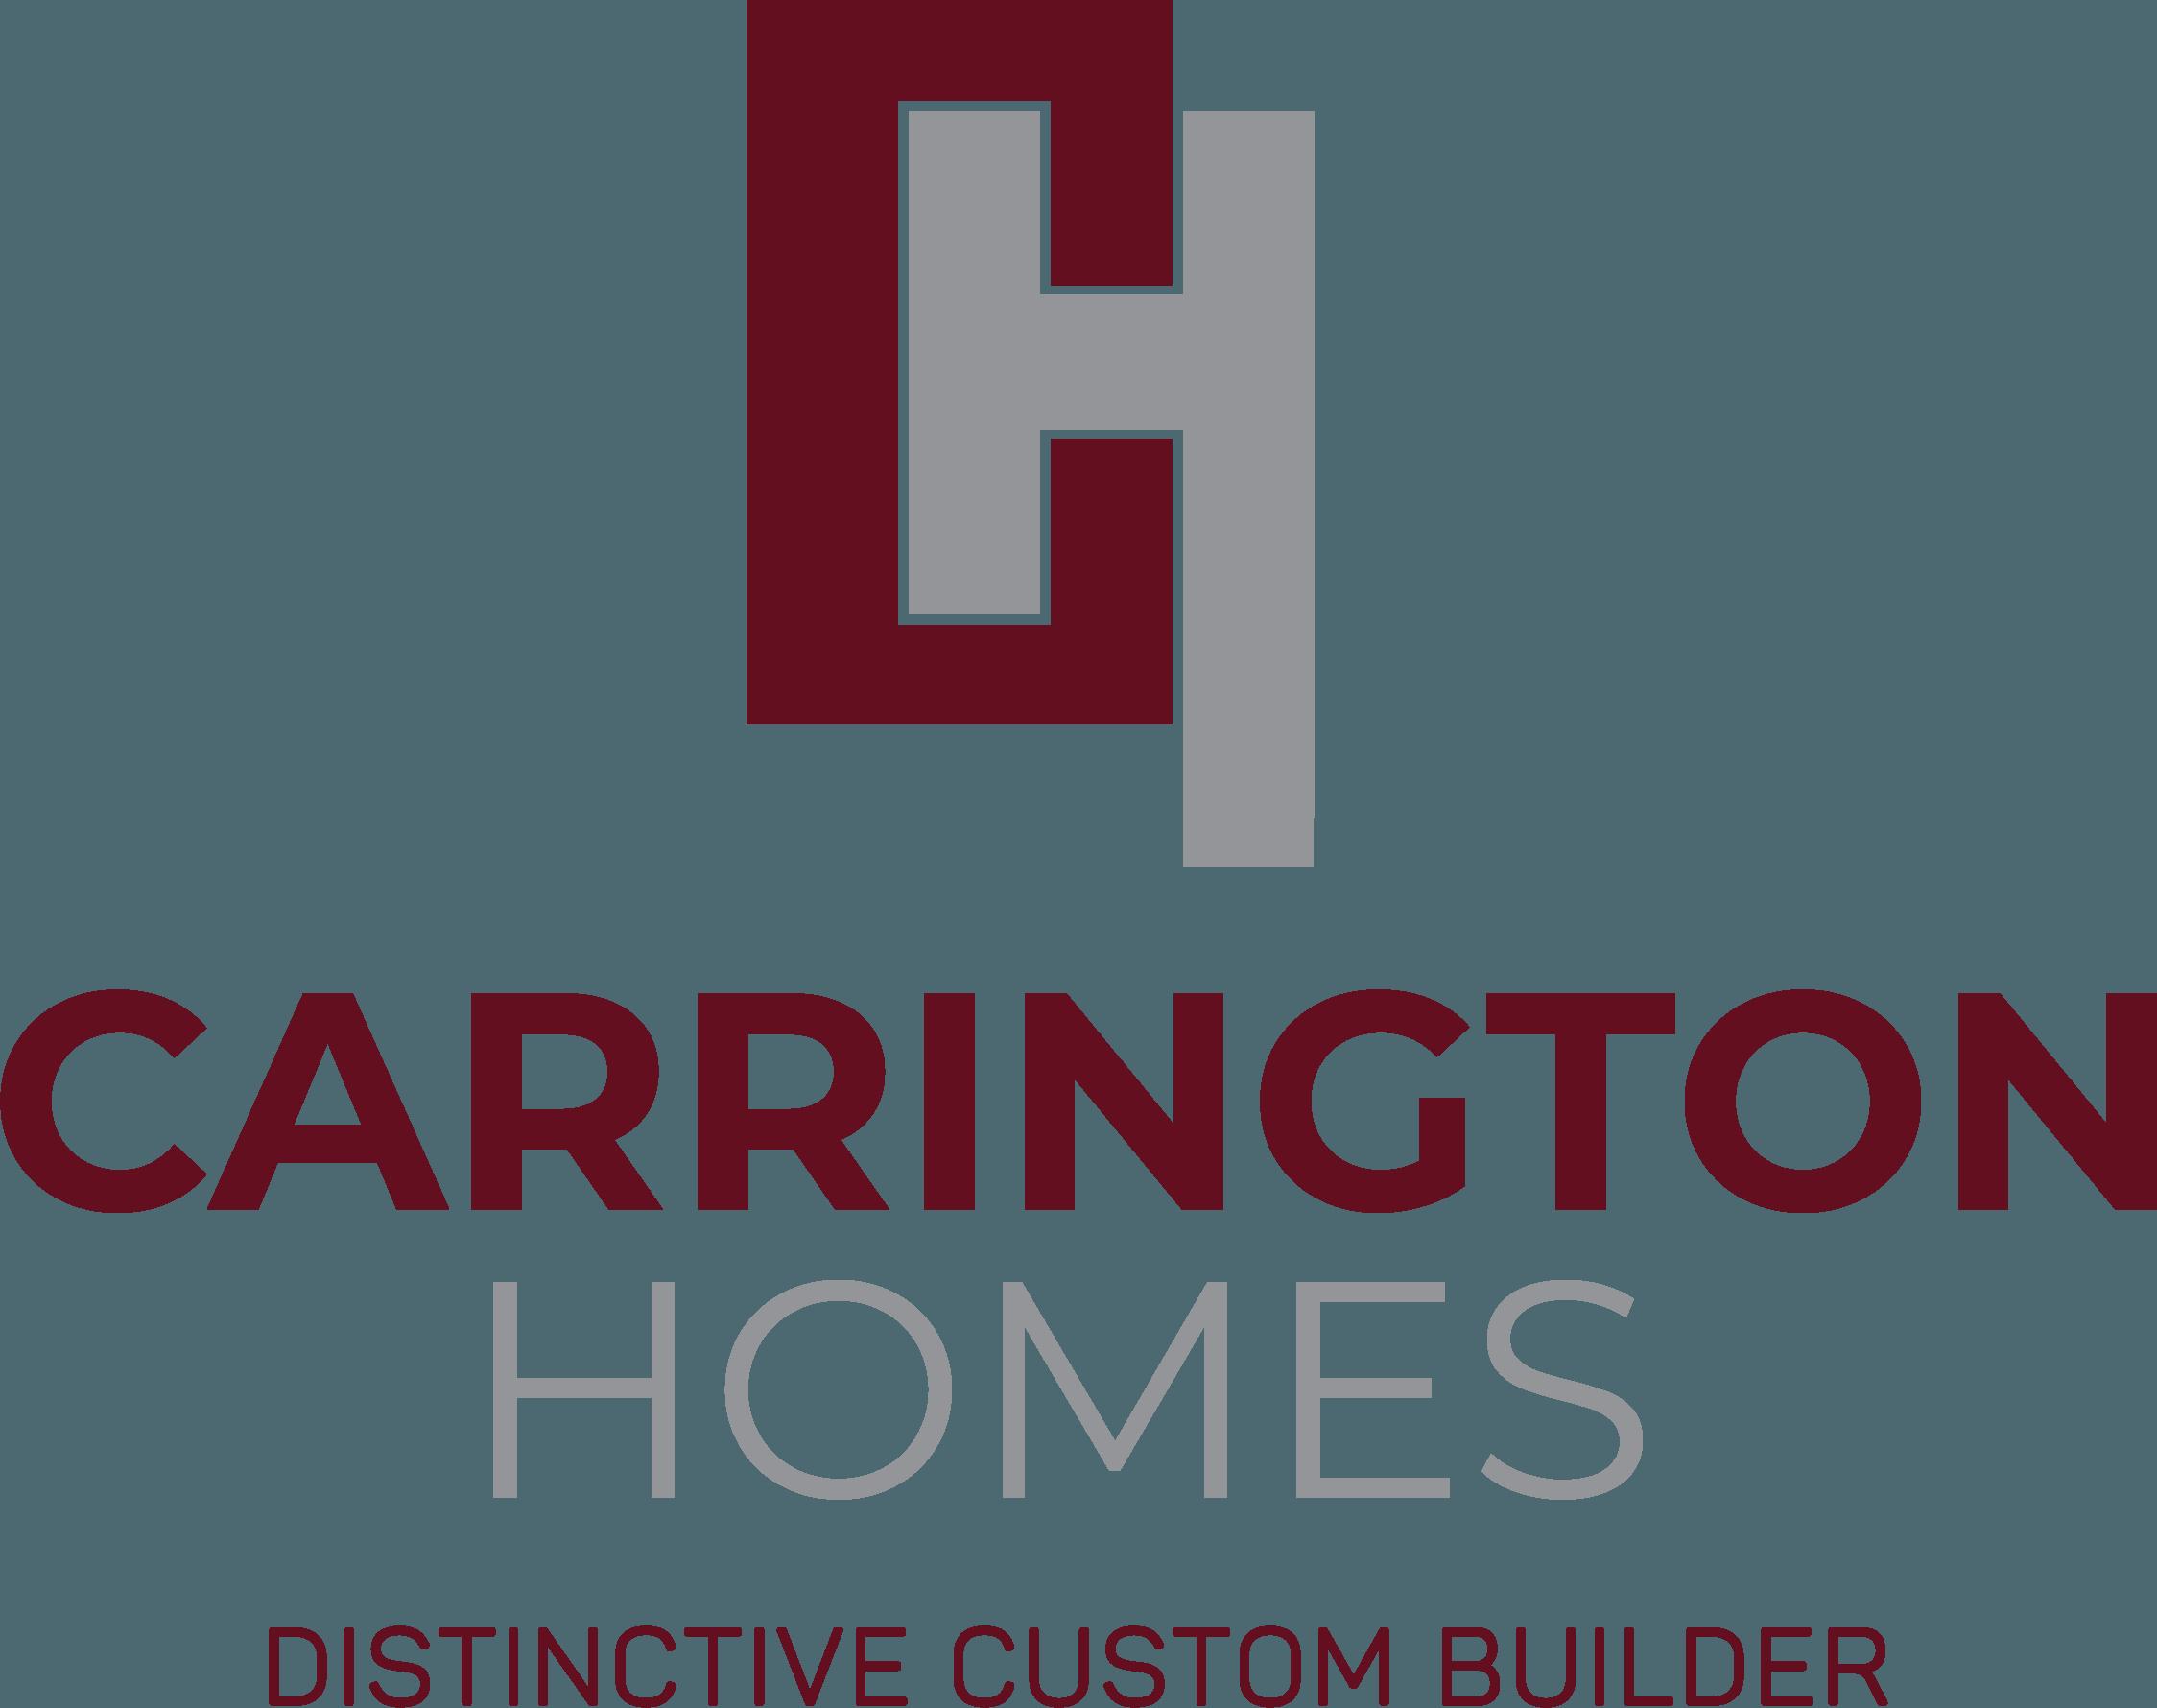 https://mk0sumydesignssu4248.kinstacdn.com/wp-content/uploads/2020/11/Carrington-Homes.png